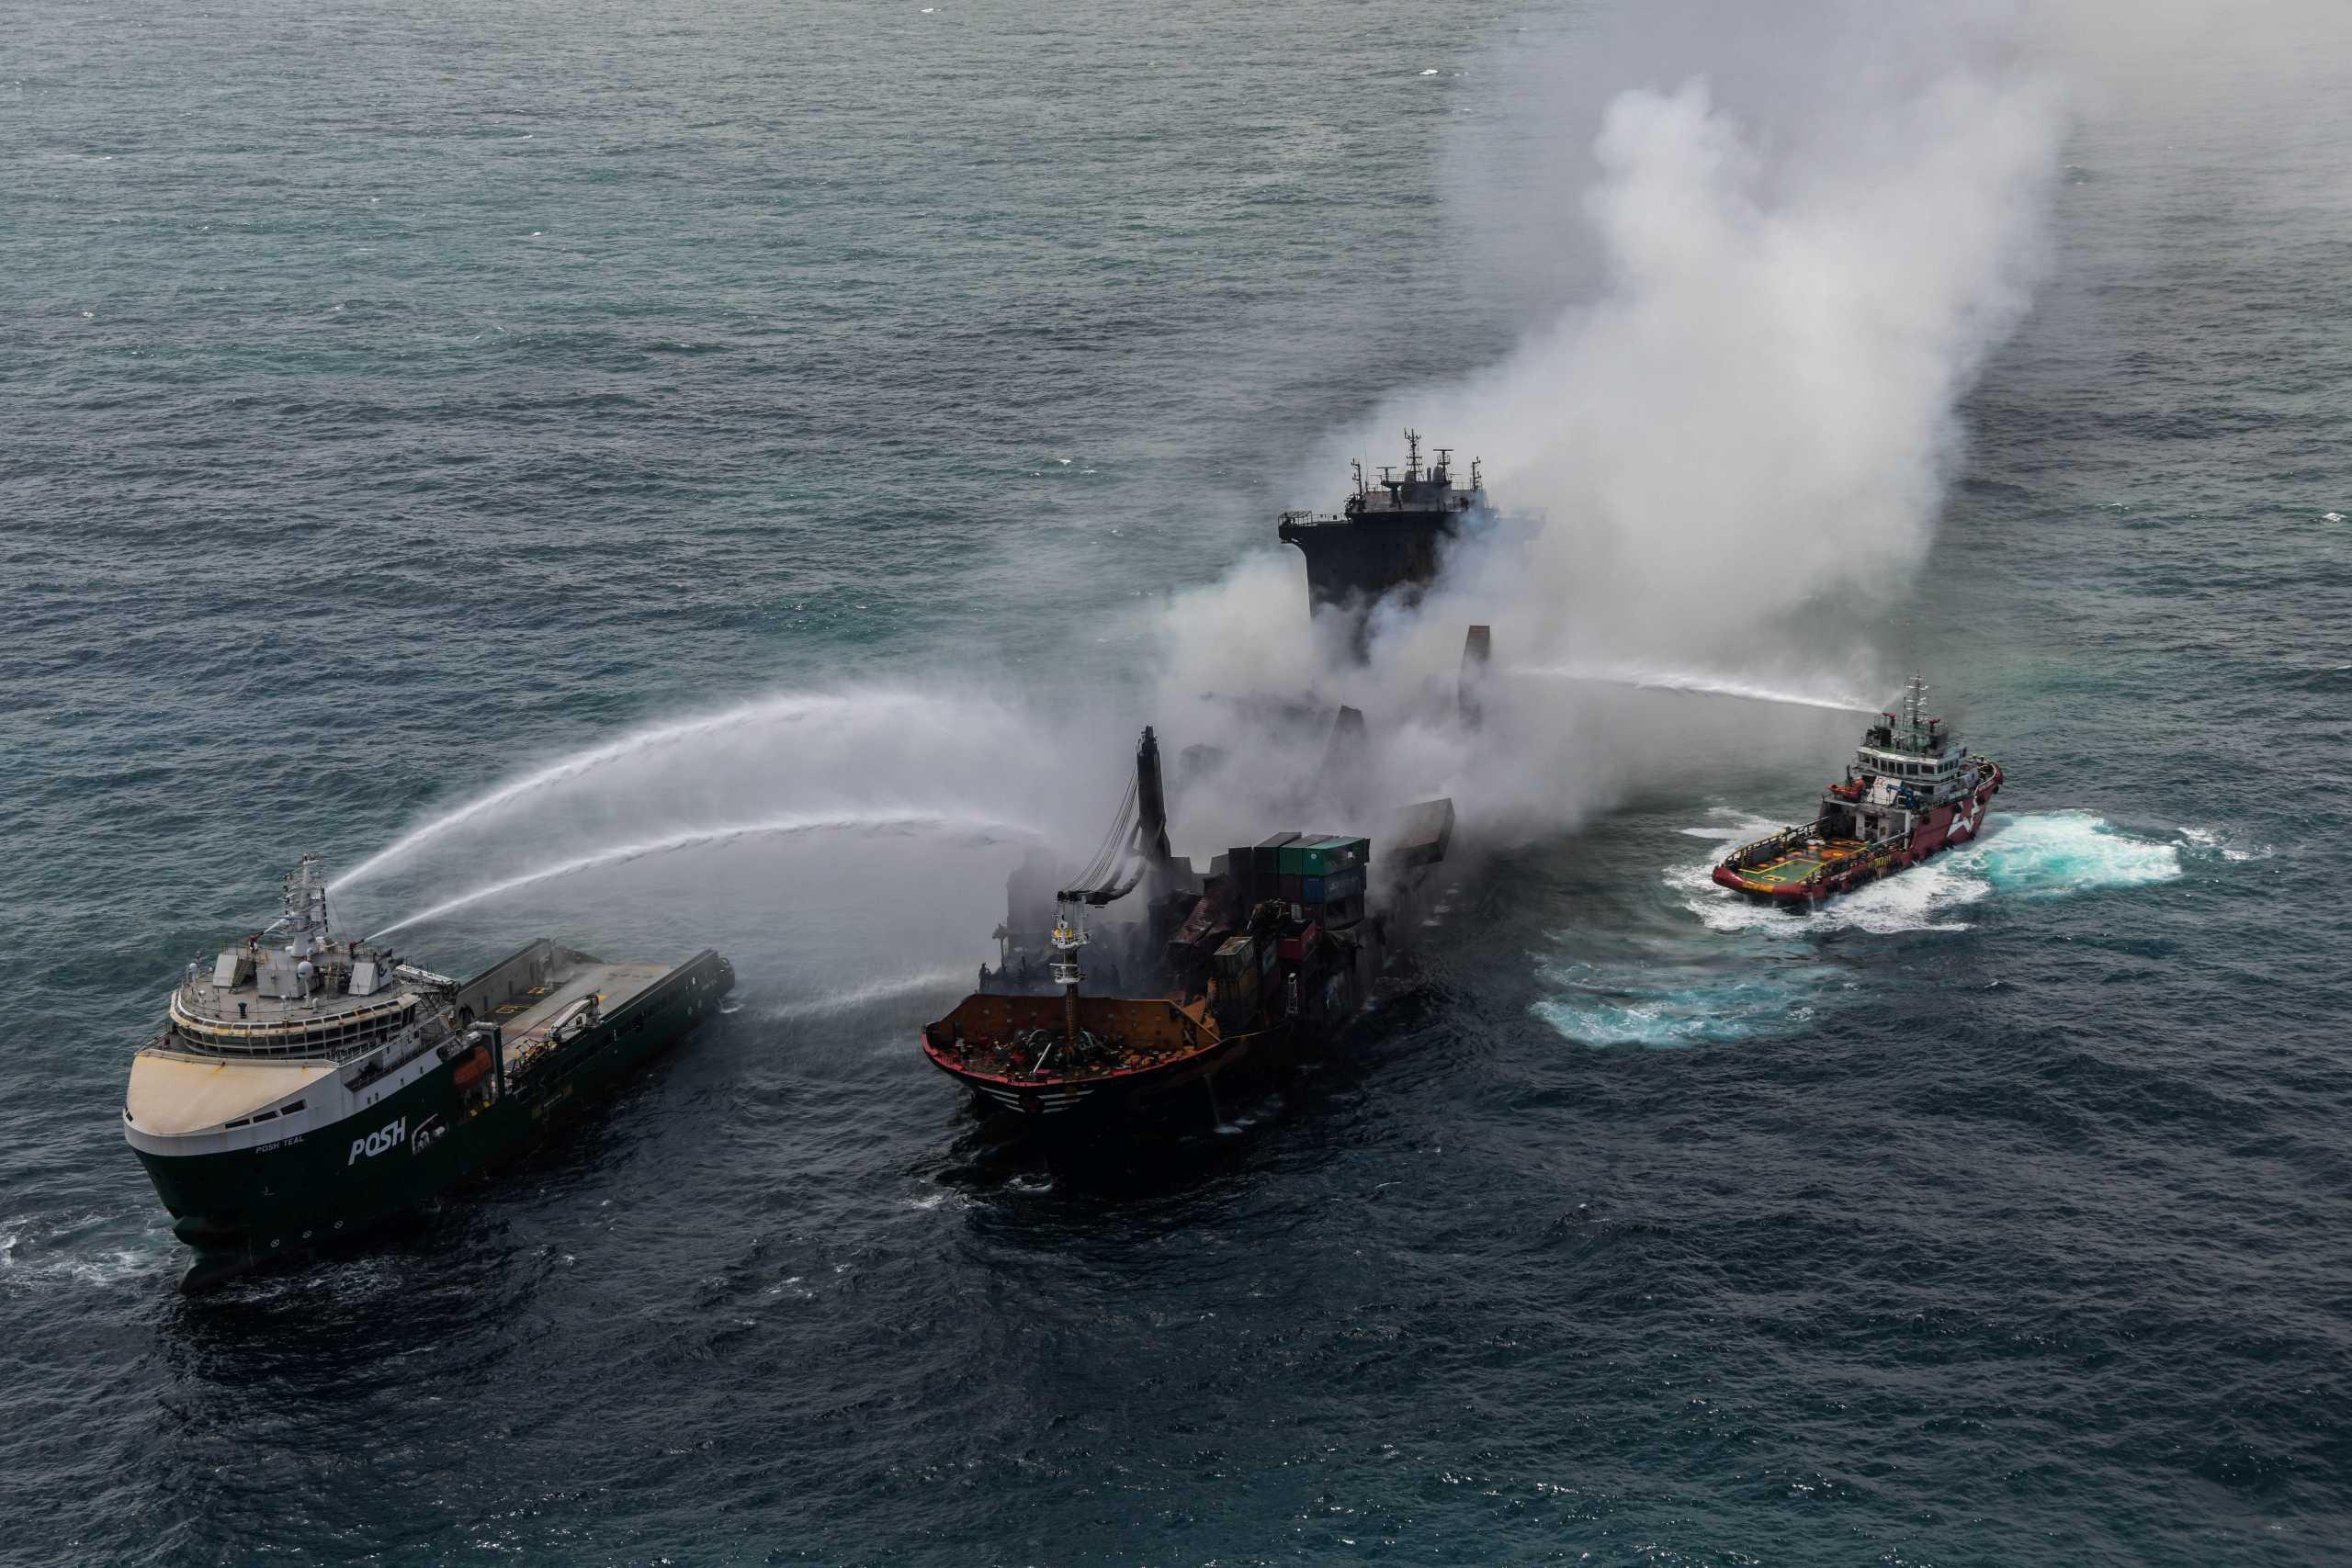 Γέμισαν μικροπλαστικά οι ακτές της Σρι Λάνκα – Έτοιμο να βυθιστεί το MV X-Press Pearl (pics, vids)